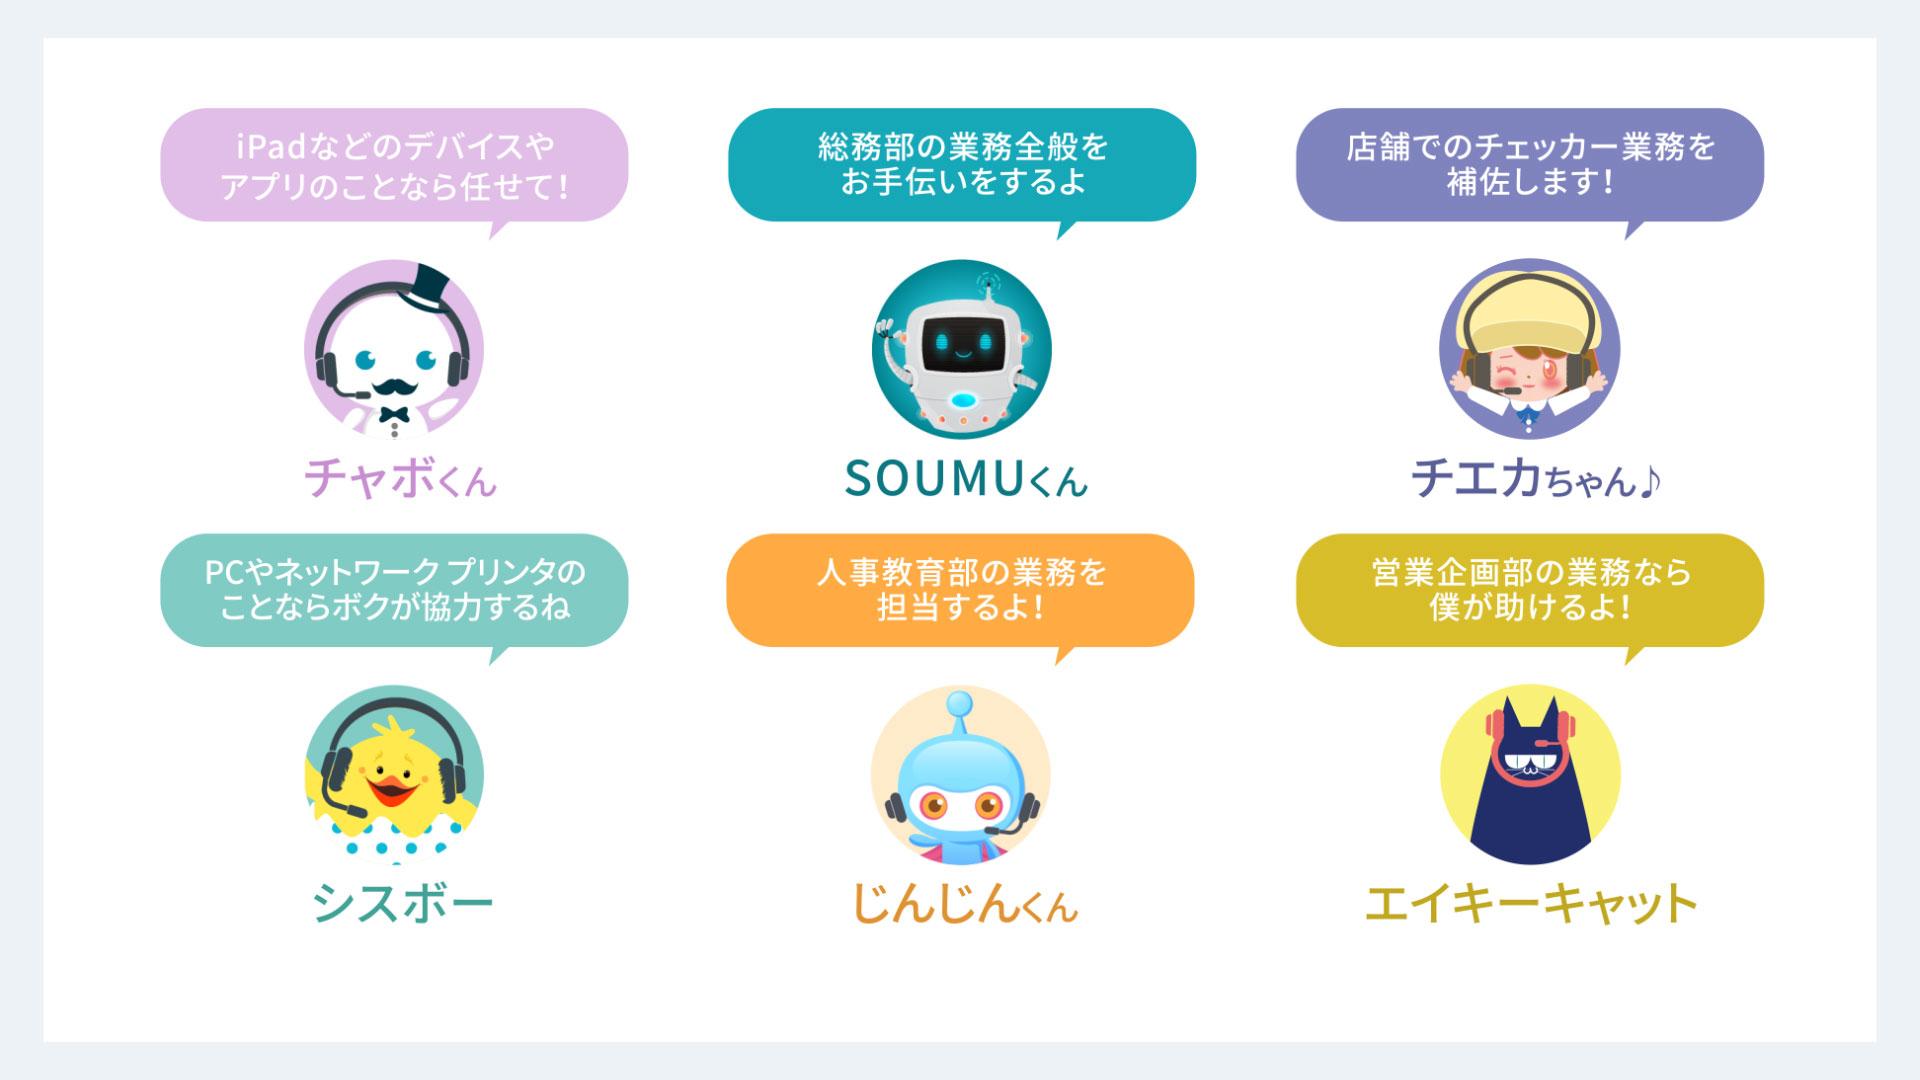 株式会社ベルク様にて活躍している6種類のボット